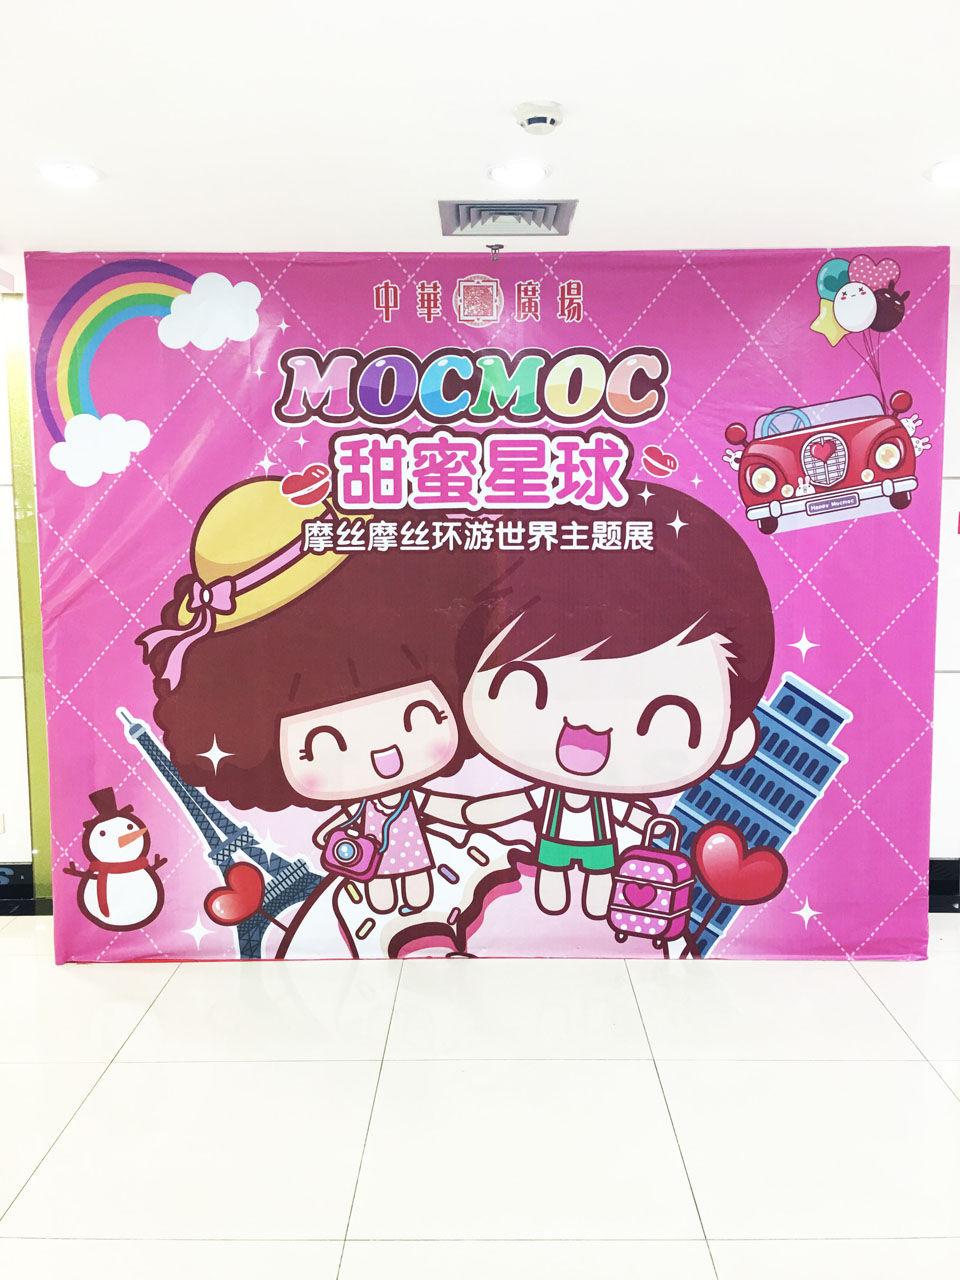 中华广场x摩丝摩丝甜蜜星球30.JPG